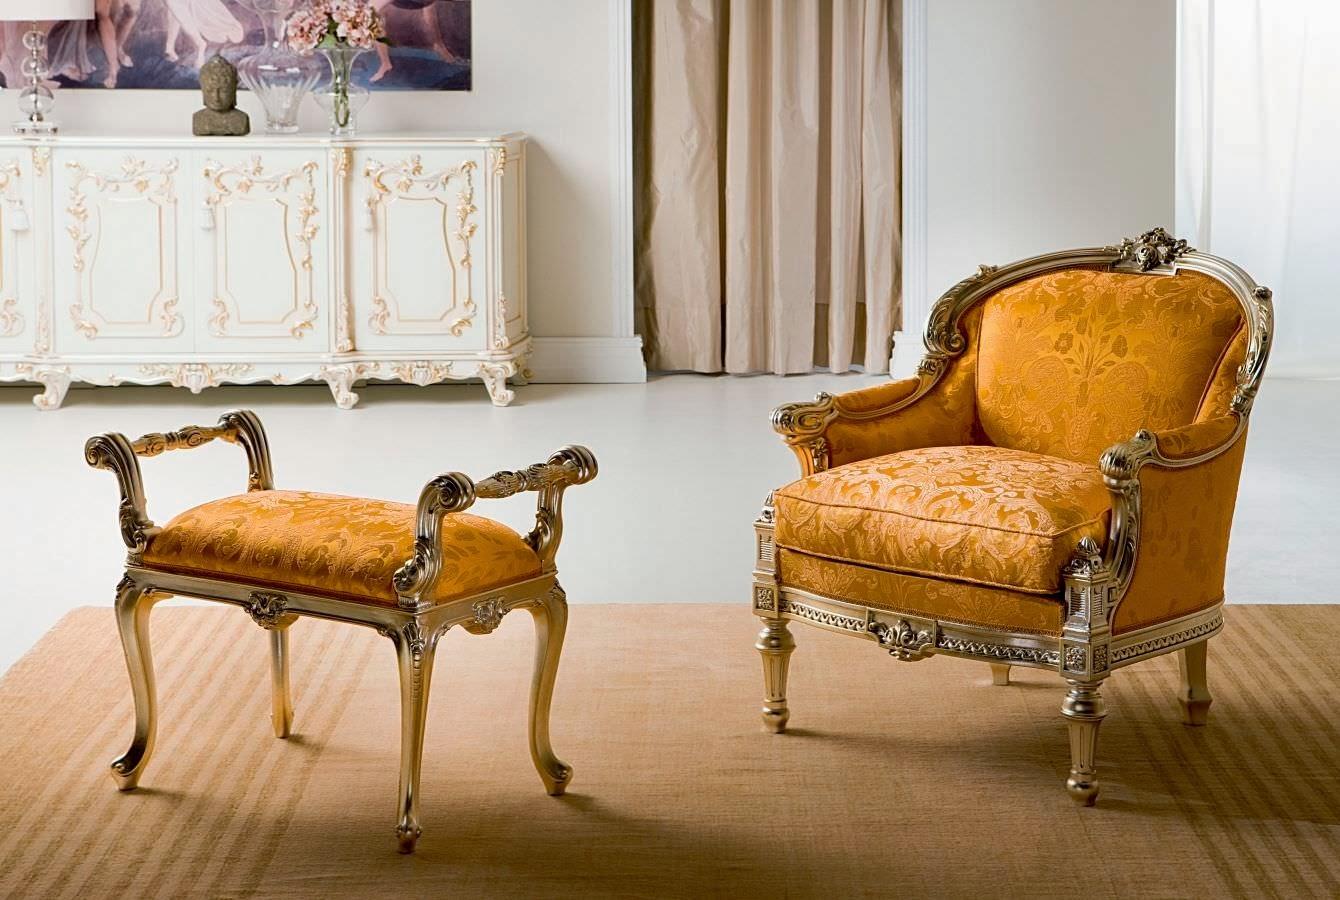 Hogar 10 top 10 muebles con estilo - Muebles estilo neoclasico ...